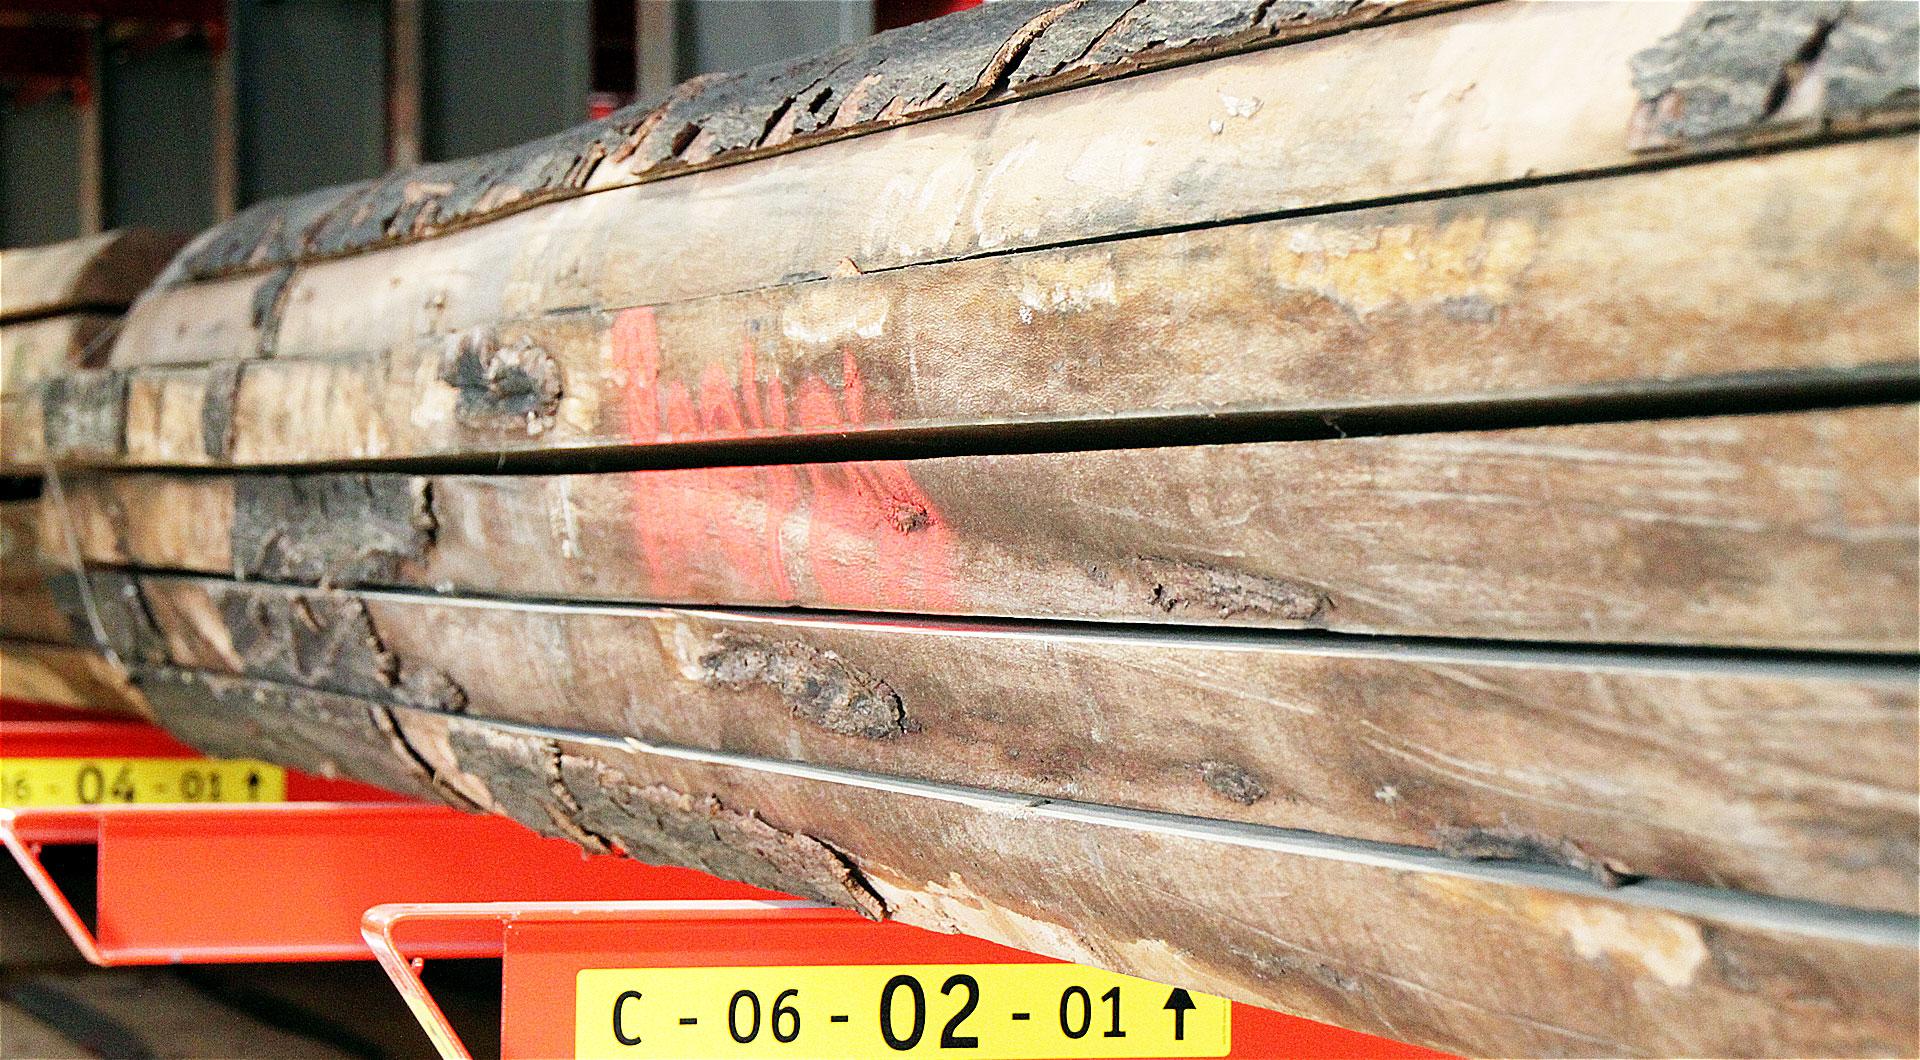 Hochwertiges Schnittholz frisch aus dem Sägewerk bei Holz Roeren